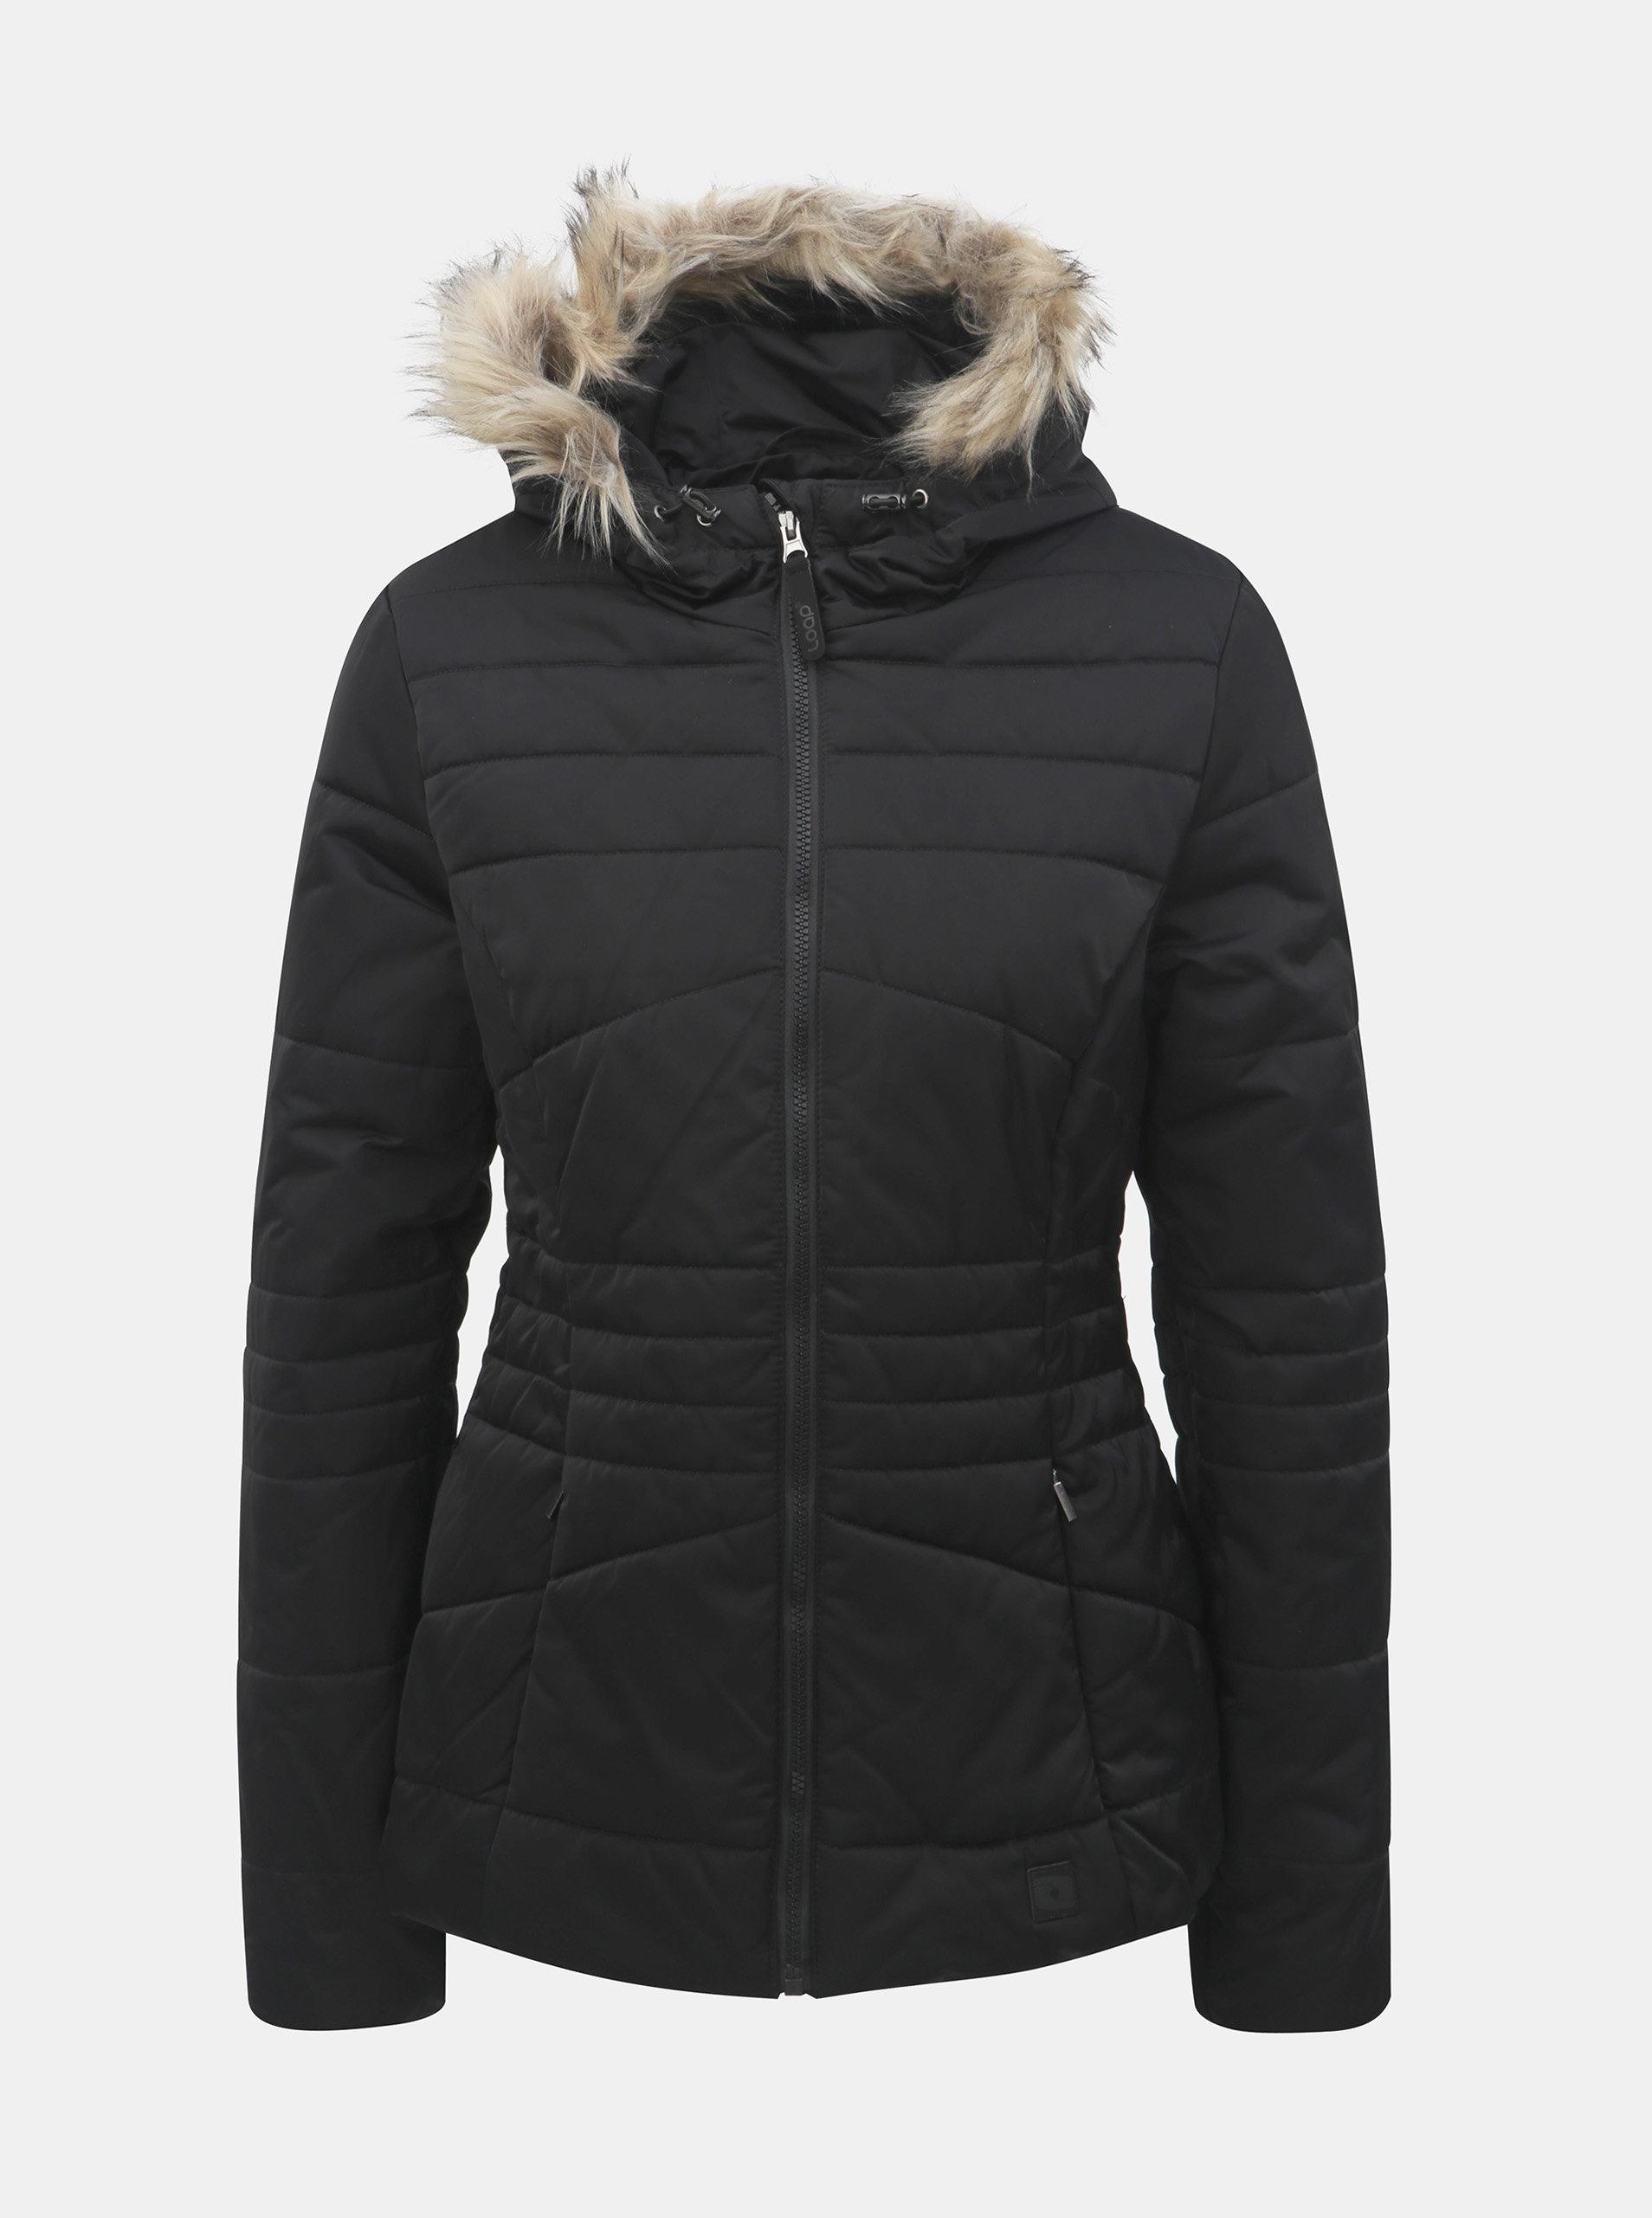 5cea0d8e20 Čierna dámska nepremokavá zimná bunda s odnímateľnou kožušinkou na kapucni  LOAP Tiara ...